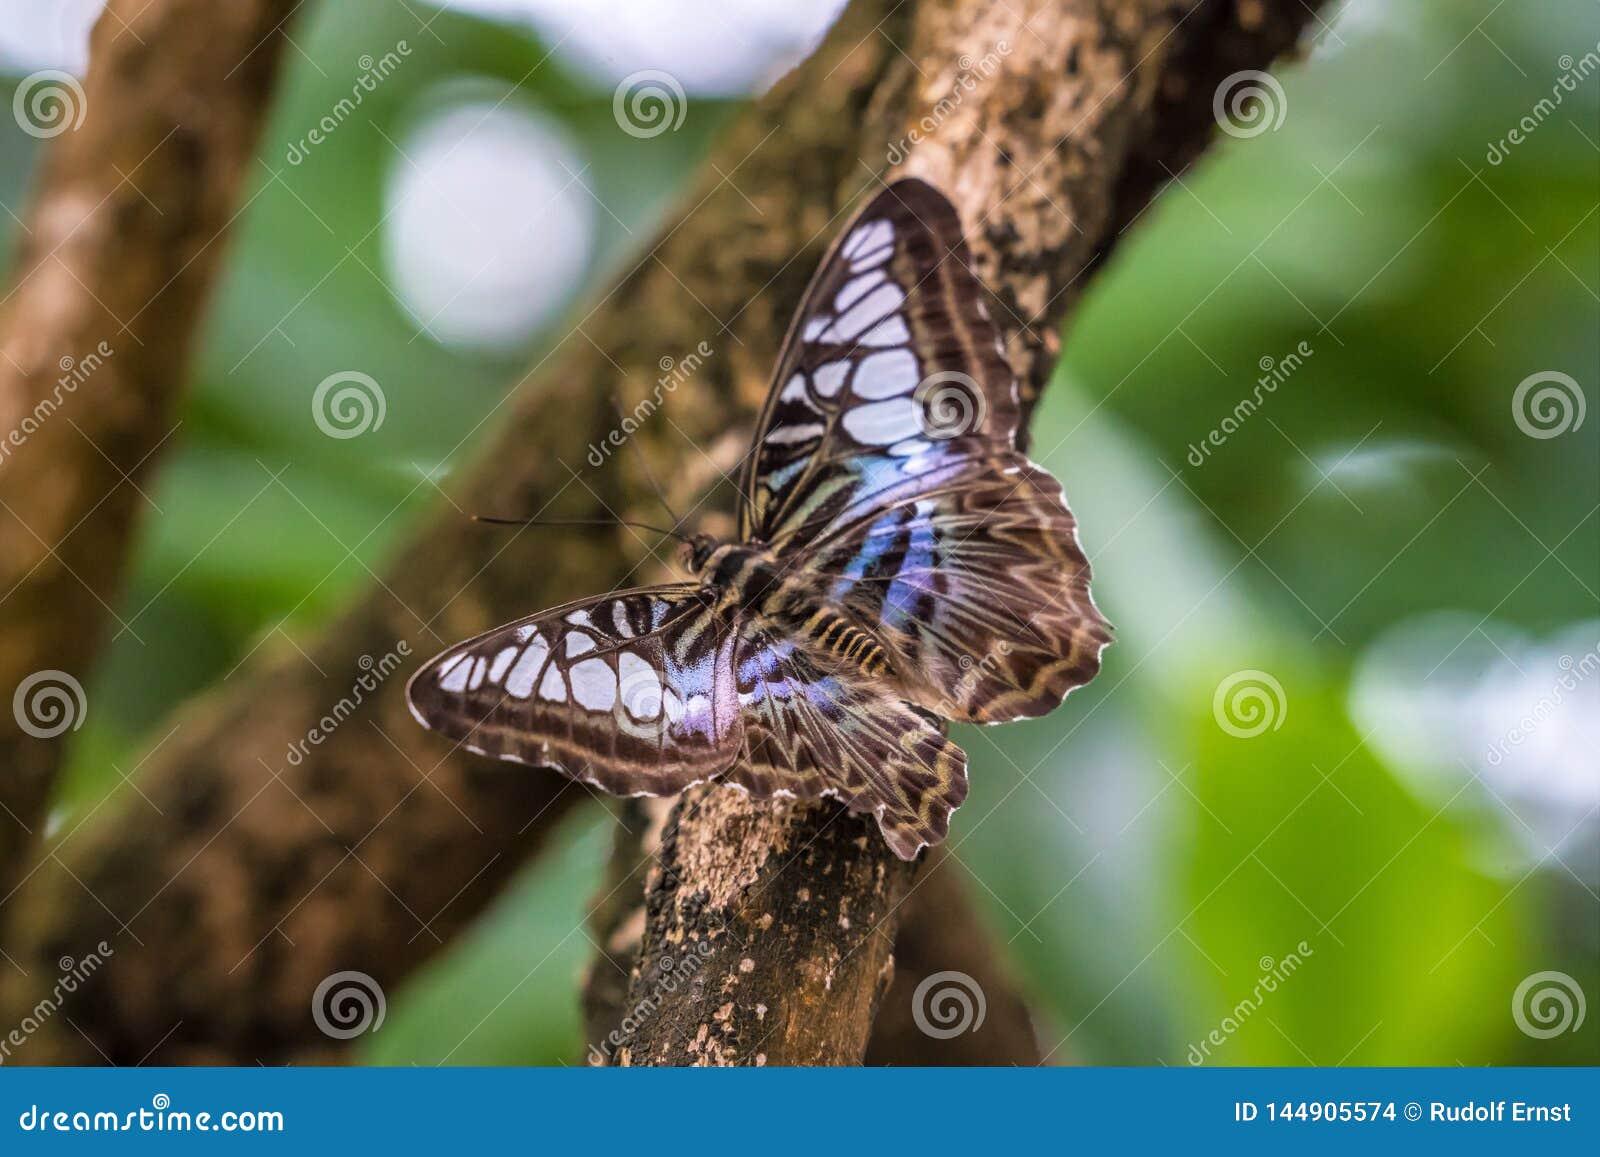 Parthenos Sylvia, las podadoras marrones, es una especie de mariposa de nymphalid